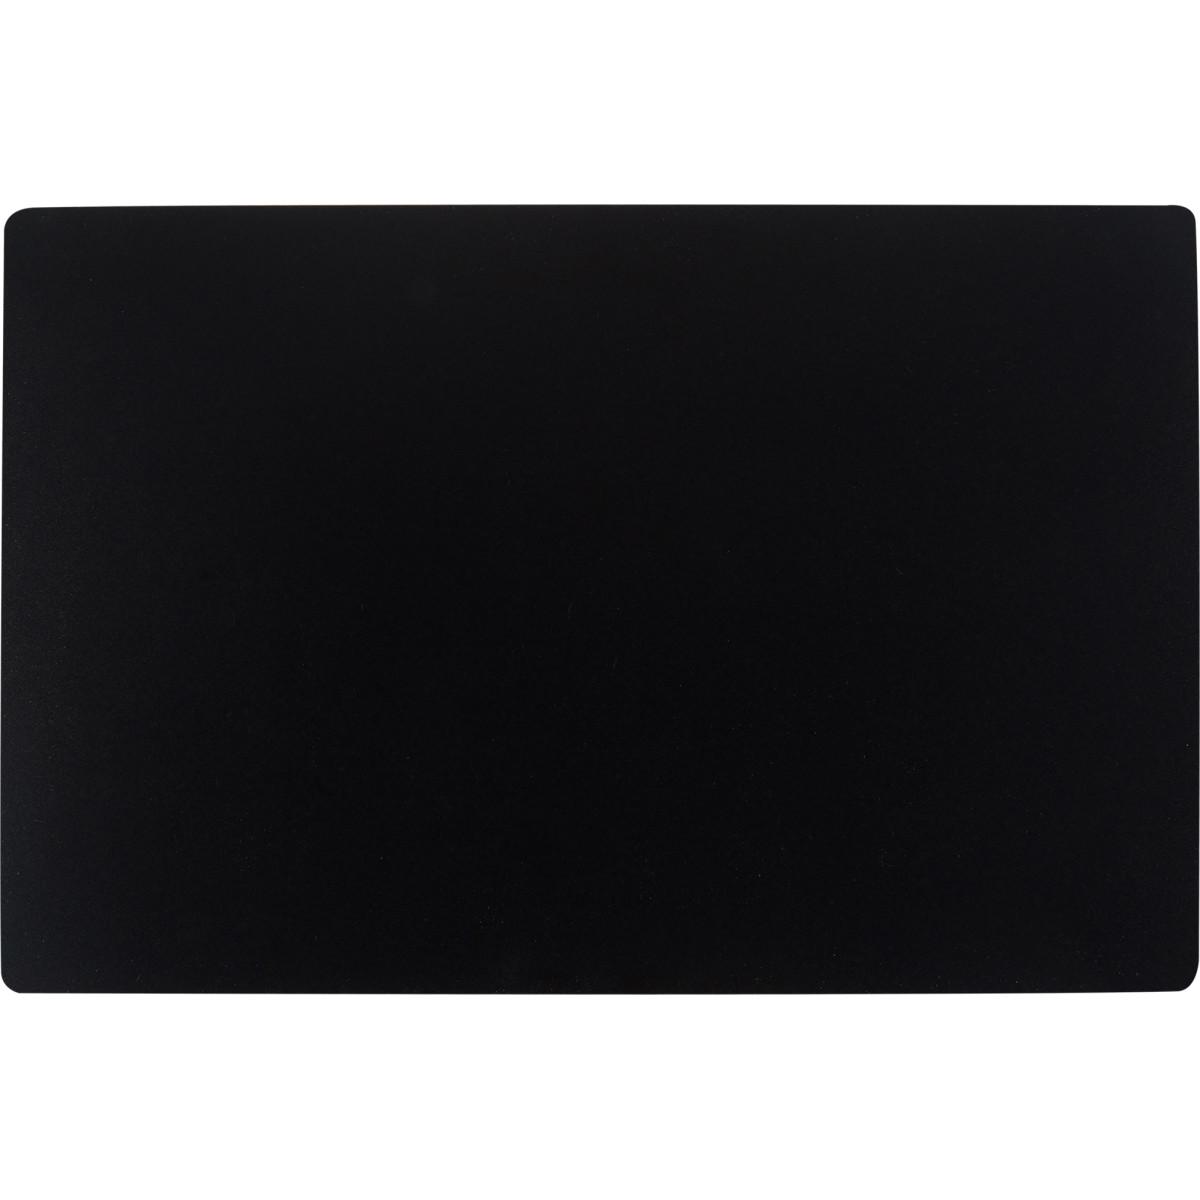 Коврик настольный 38x58 см полипропилен цвет черный